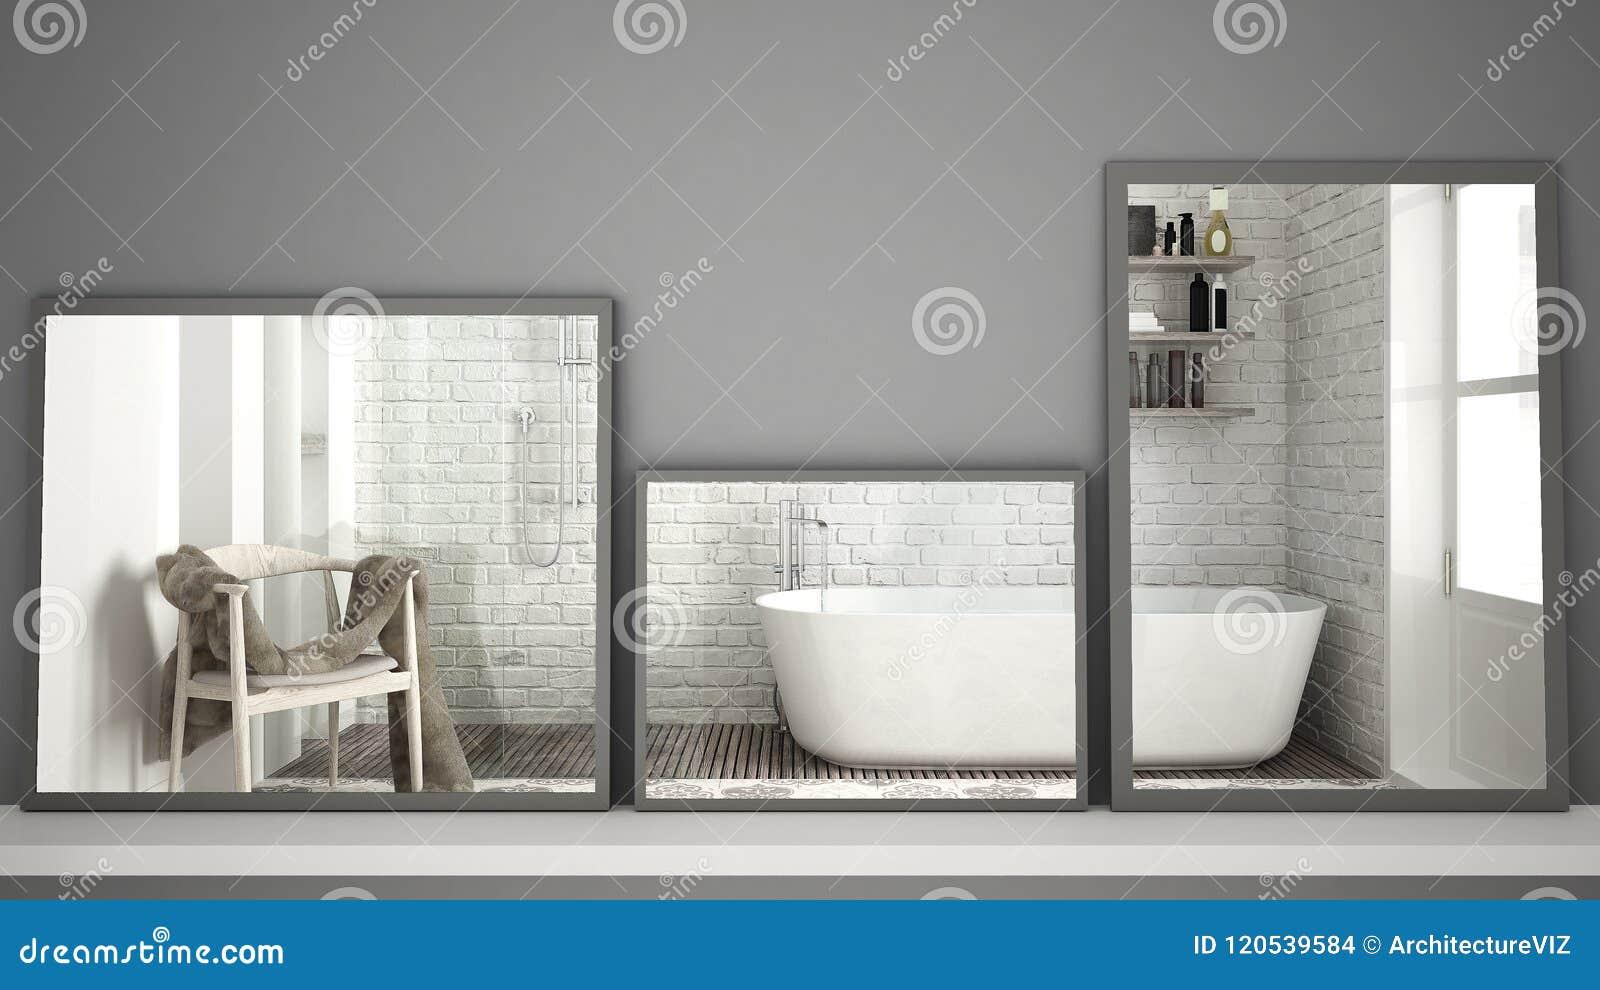 Tres espejos modernos en el estante o el escritorio que refleja la escena del diseño interior, cuarto de baño clásico escandinavo